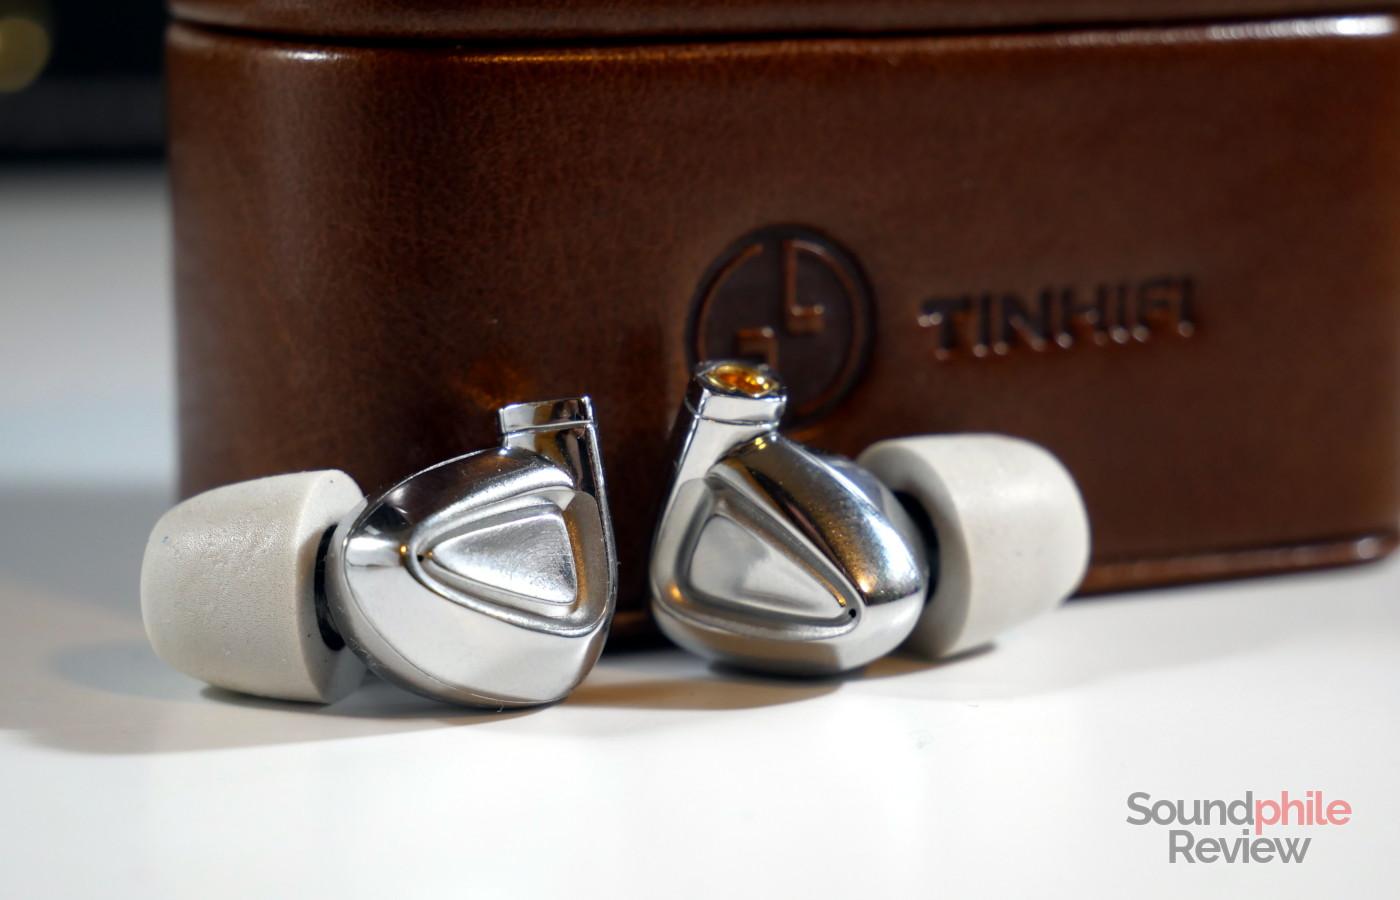 Tin HiFi P1 Headphones in Pictures